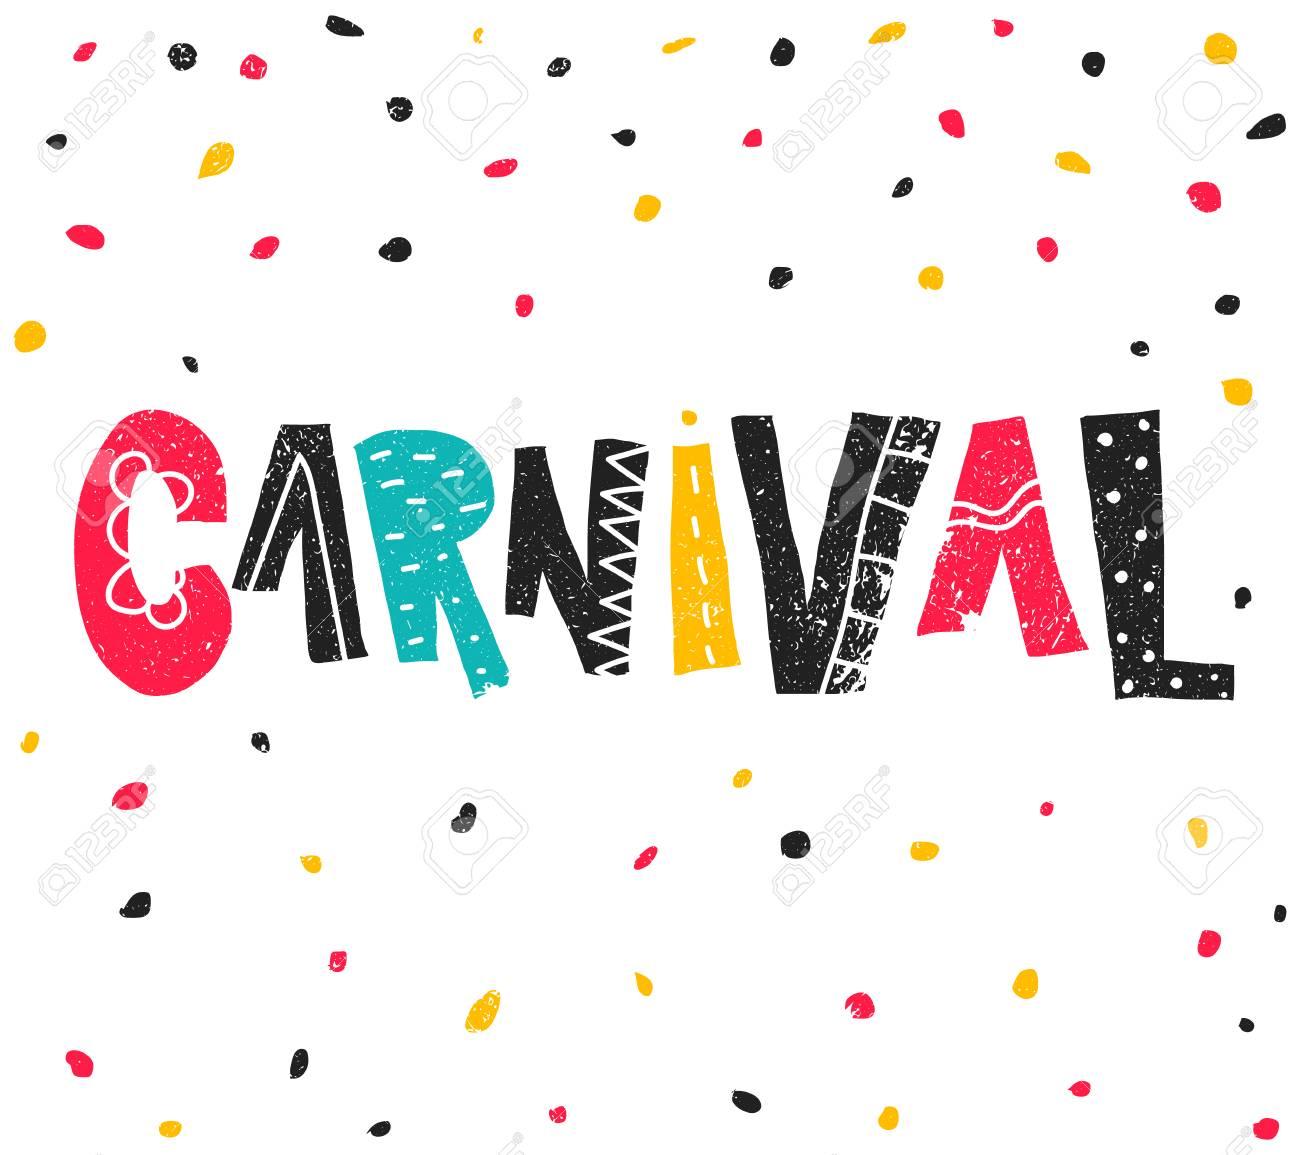 Evento Popular Del Carnaval De Brasil Título Con Elementos De Fiesta De Colores Confeti Coloreado Y Letras Dibujadas Mano Del Grunge Diseño De La